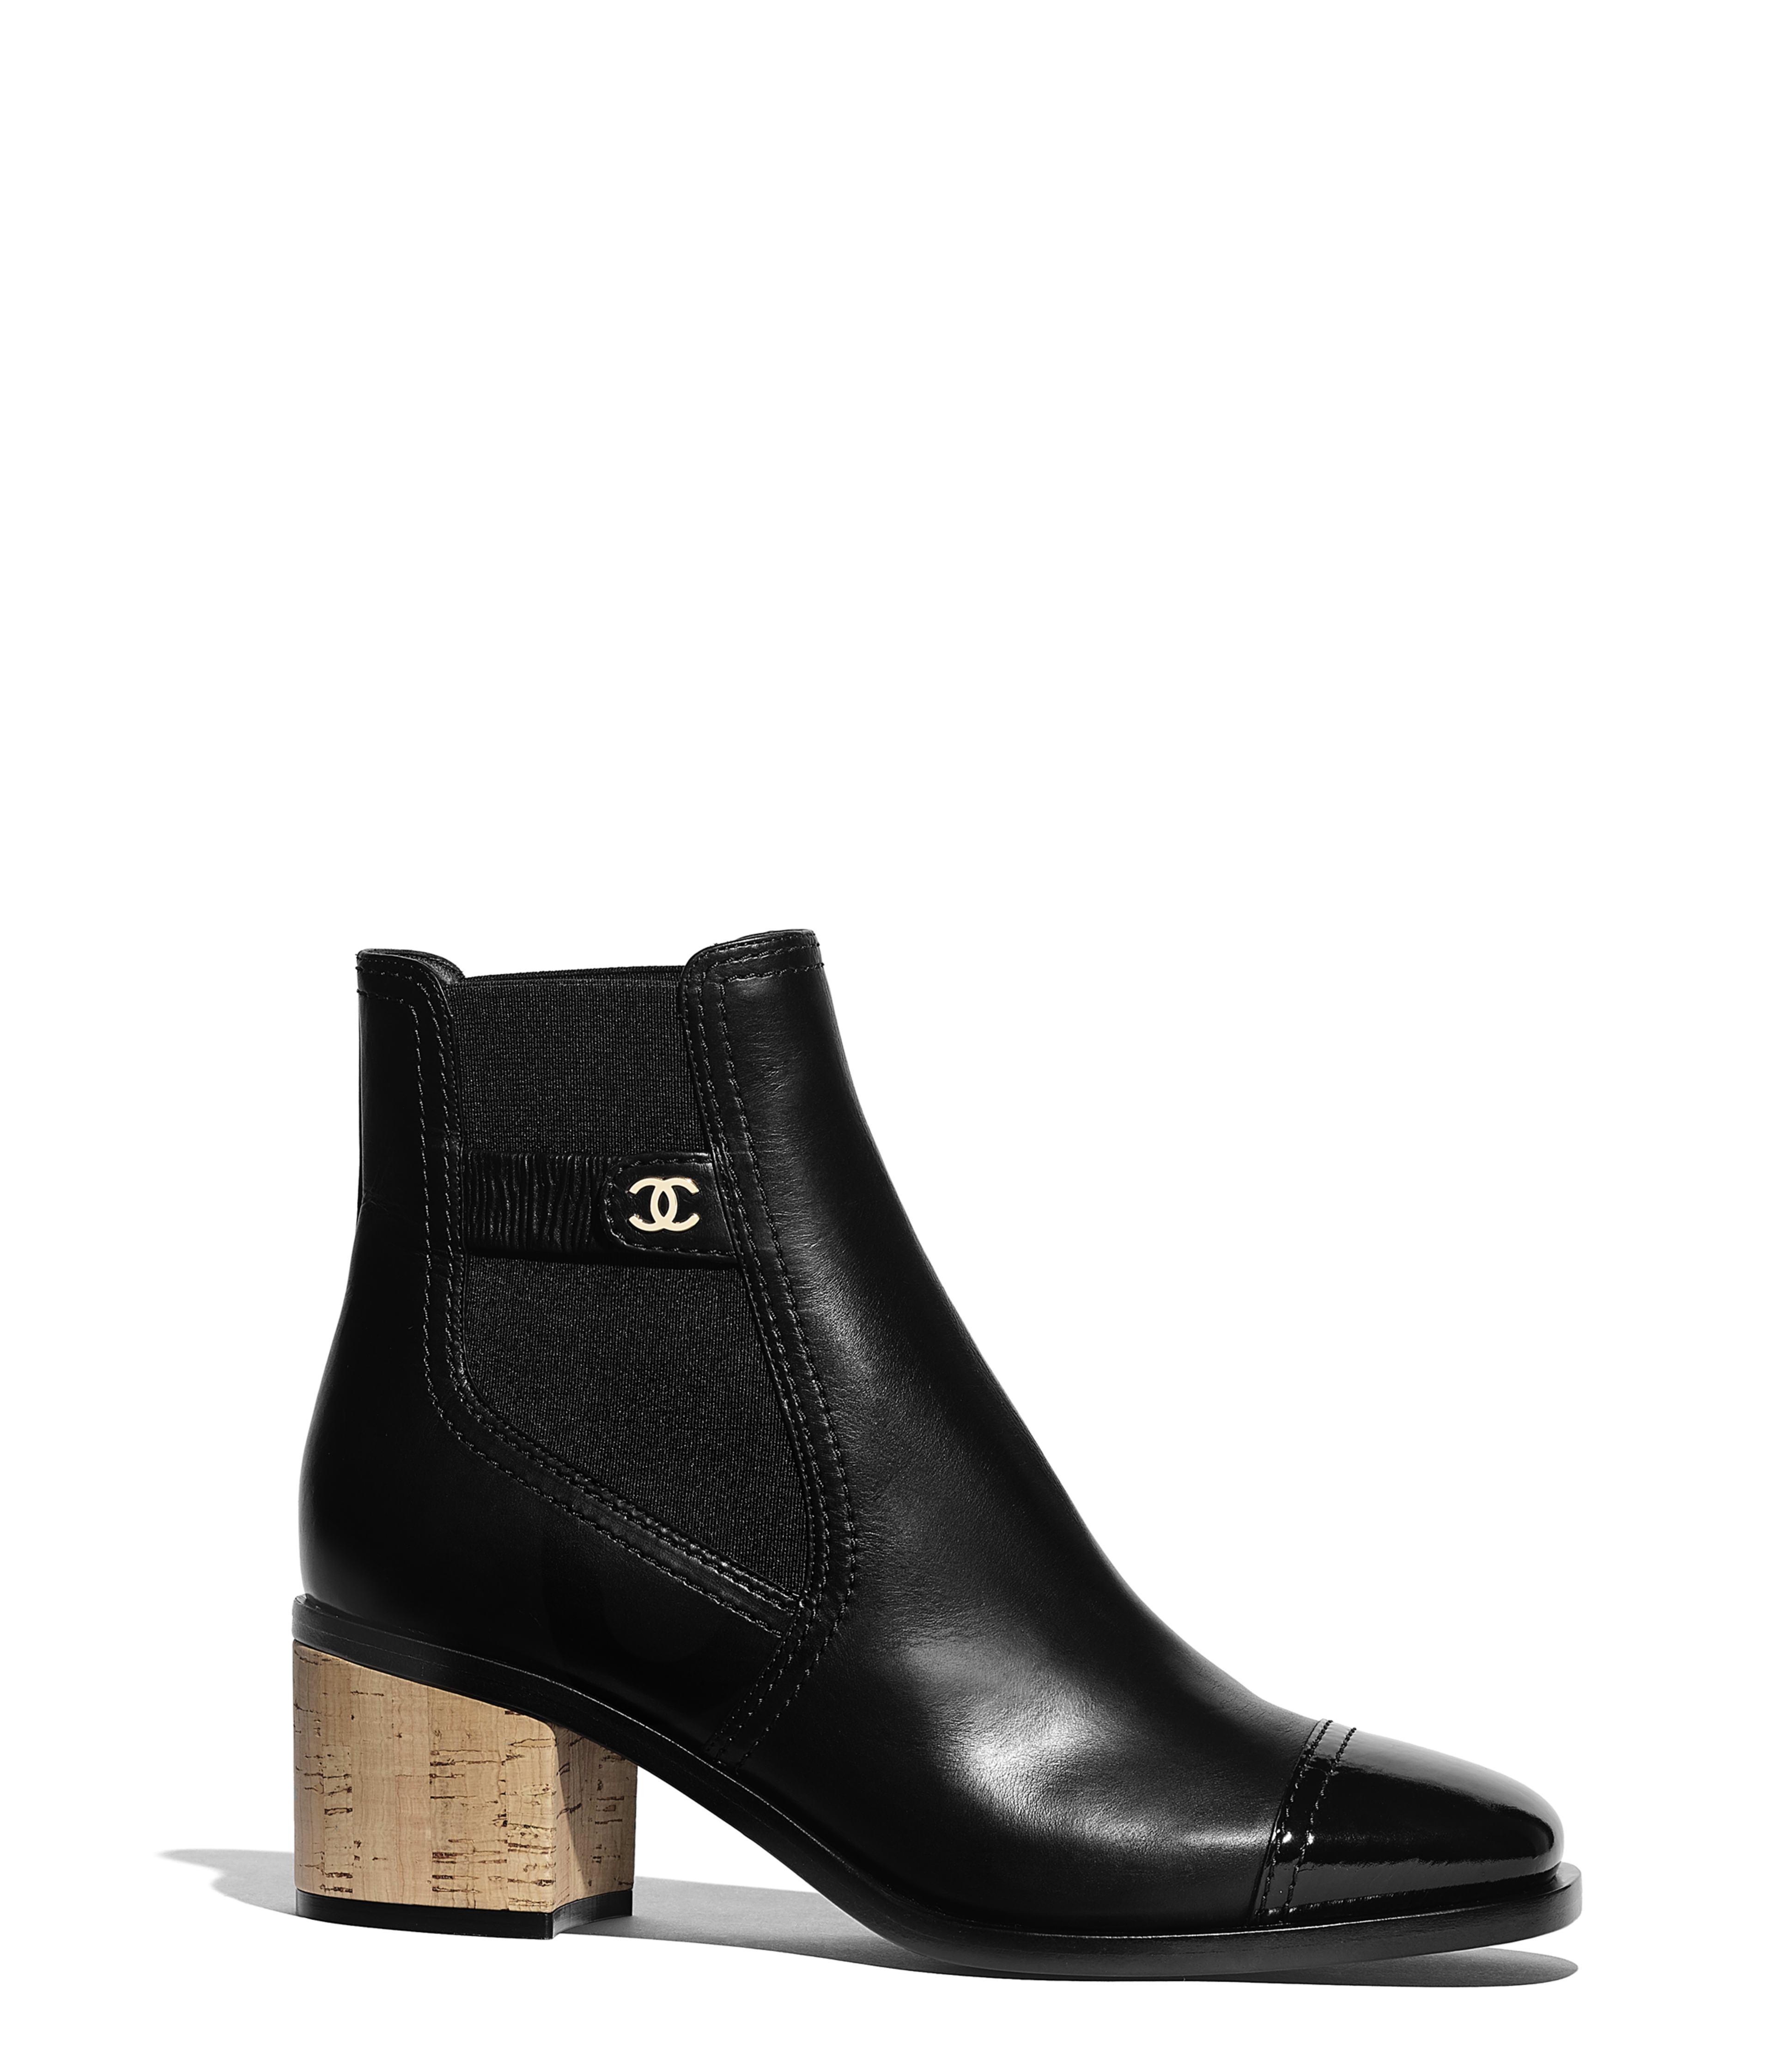 194a7a957f Short Boots Calfskin, Patent Calfskin & Cork, Black Ref. G35046Y5333794305